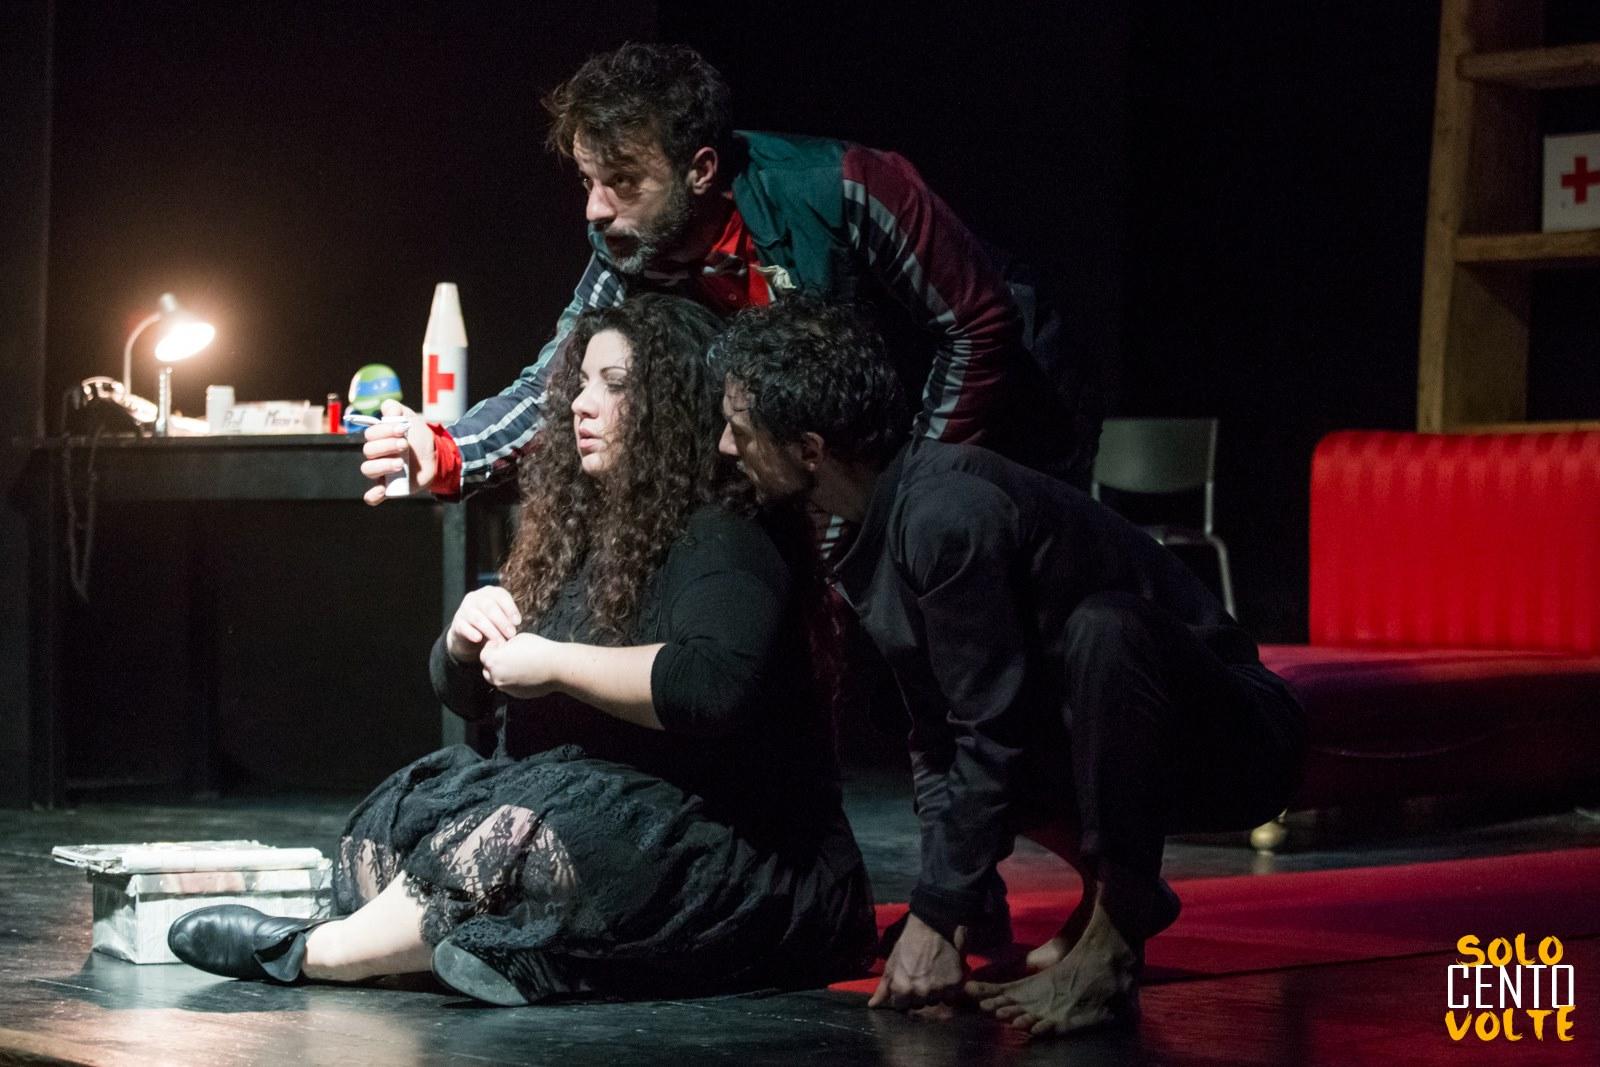 Solo Cento Volte-Teatro Giuffrè Battipaglia